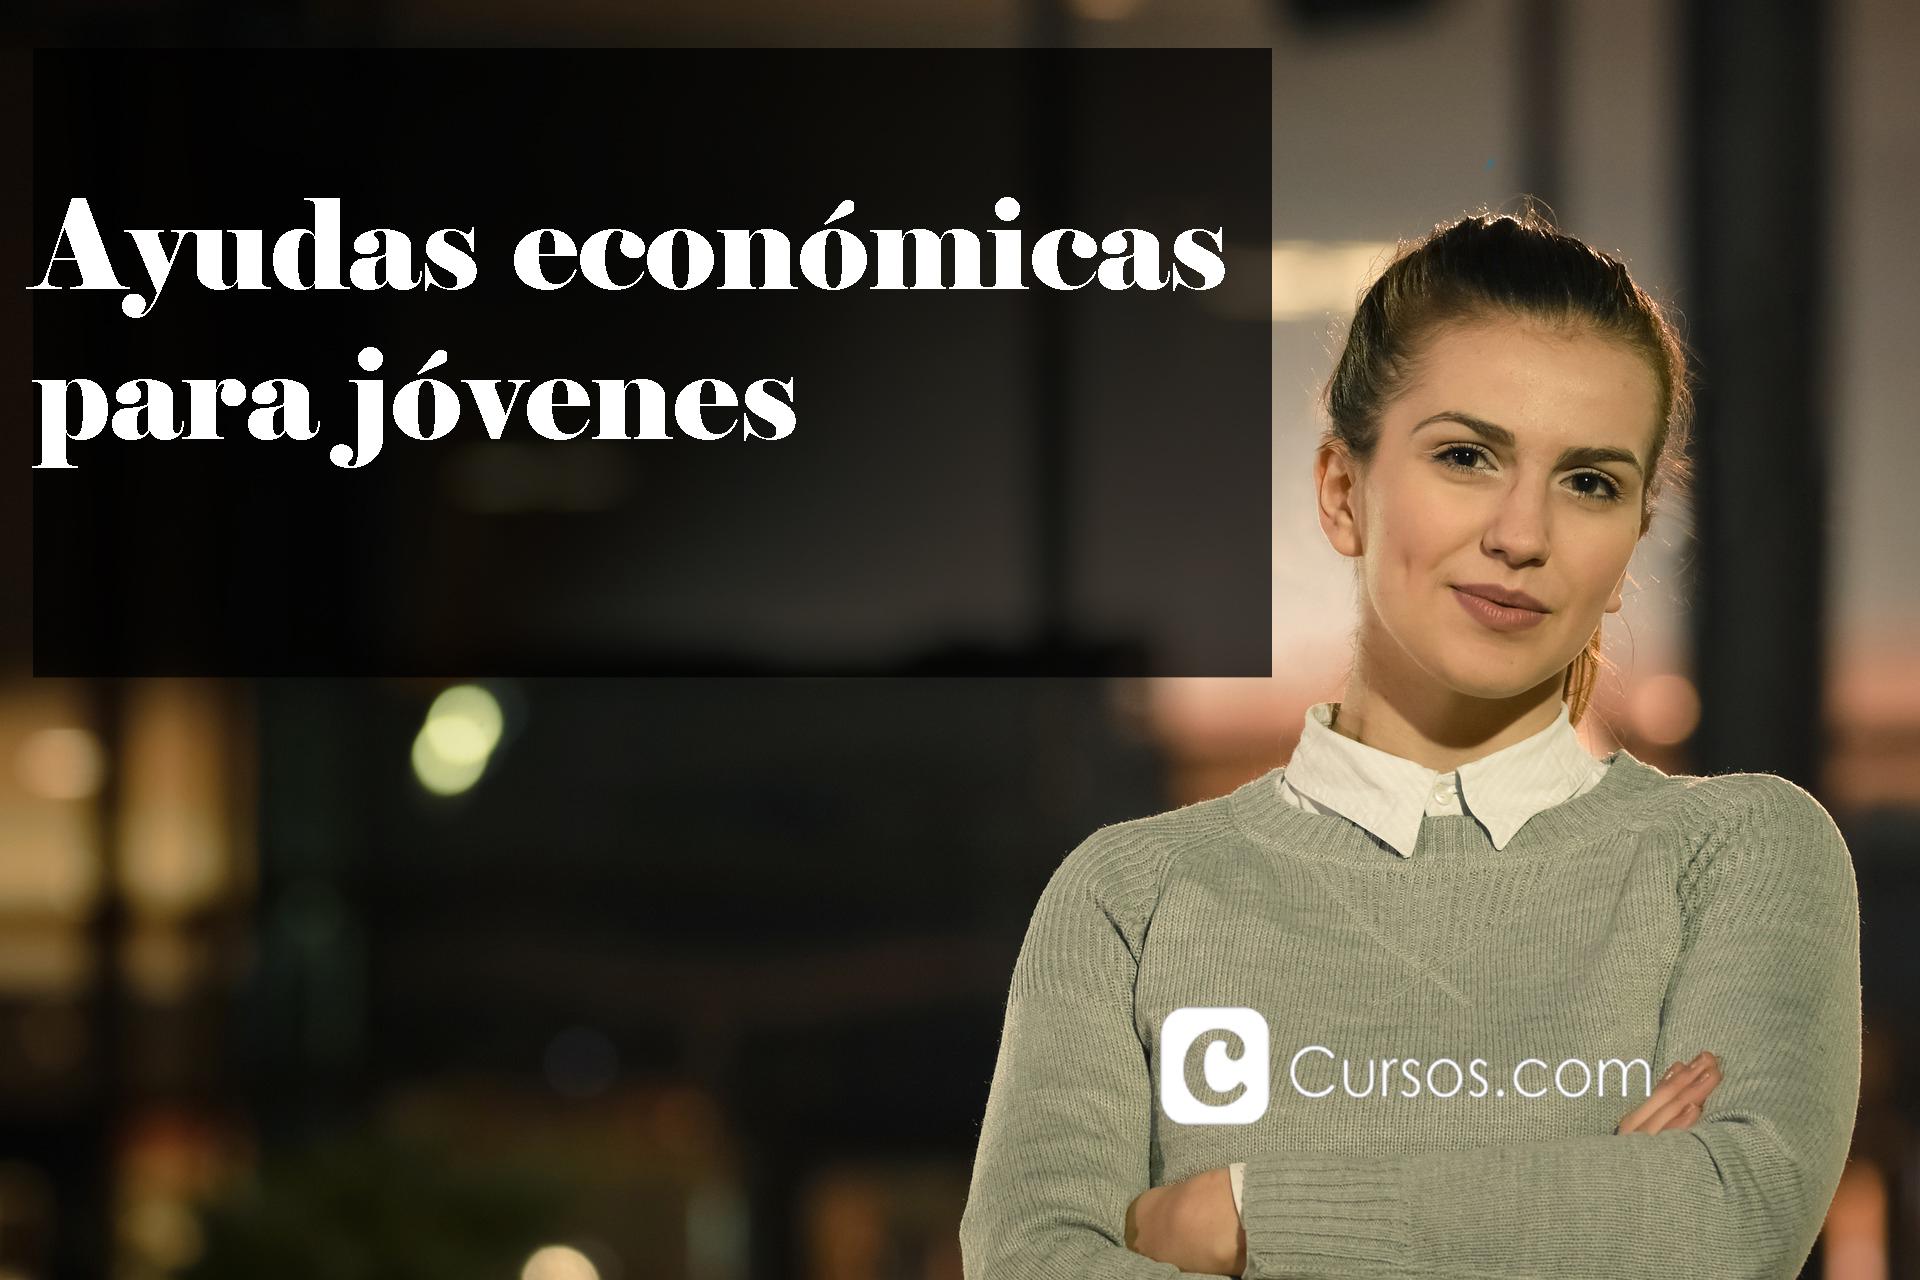 Ayudas Economicas Jovenes